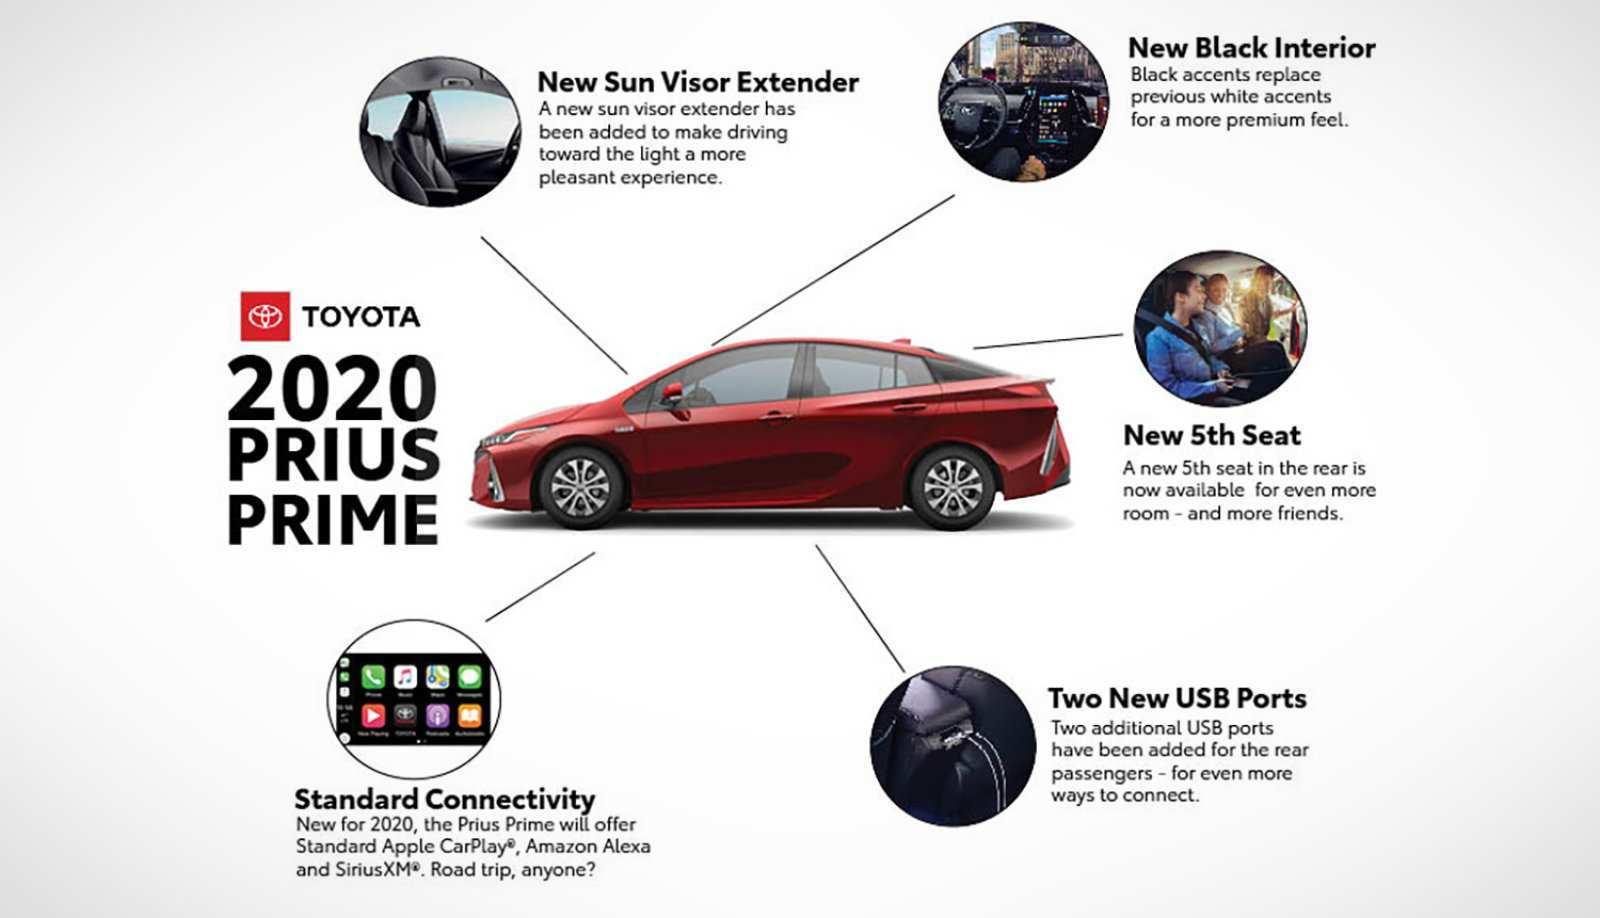 50 Gallery of Toyota Prius Prime 2020 Price with Toyota Prius Prime 2020